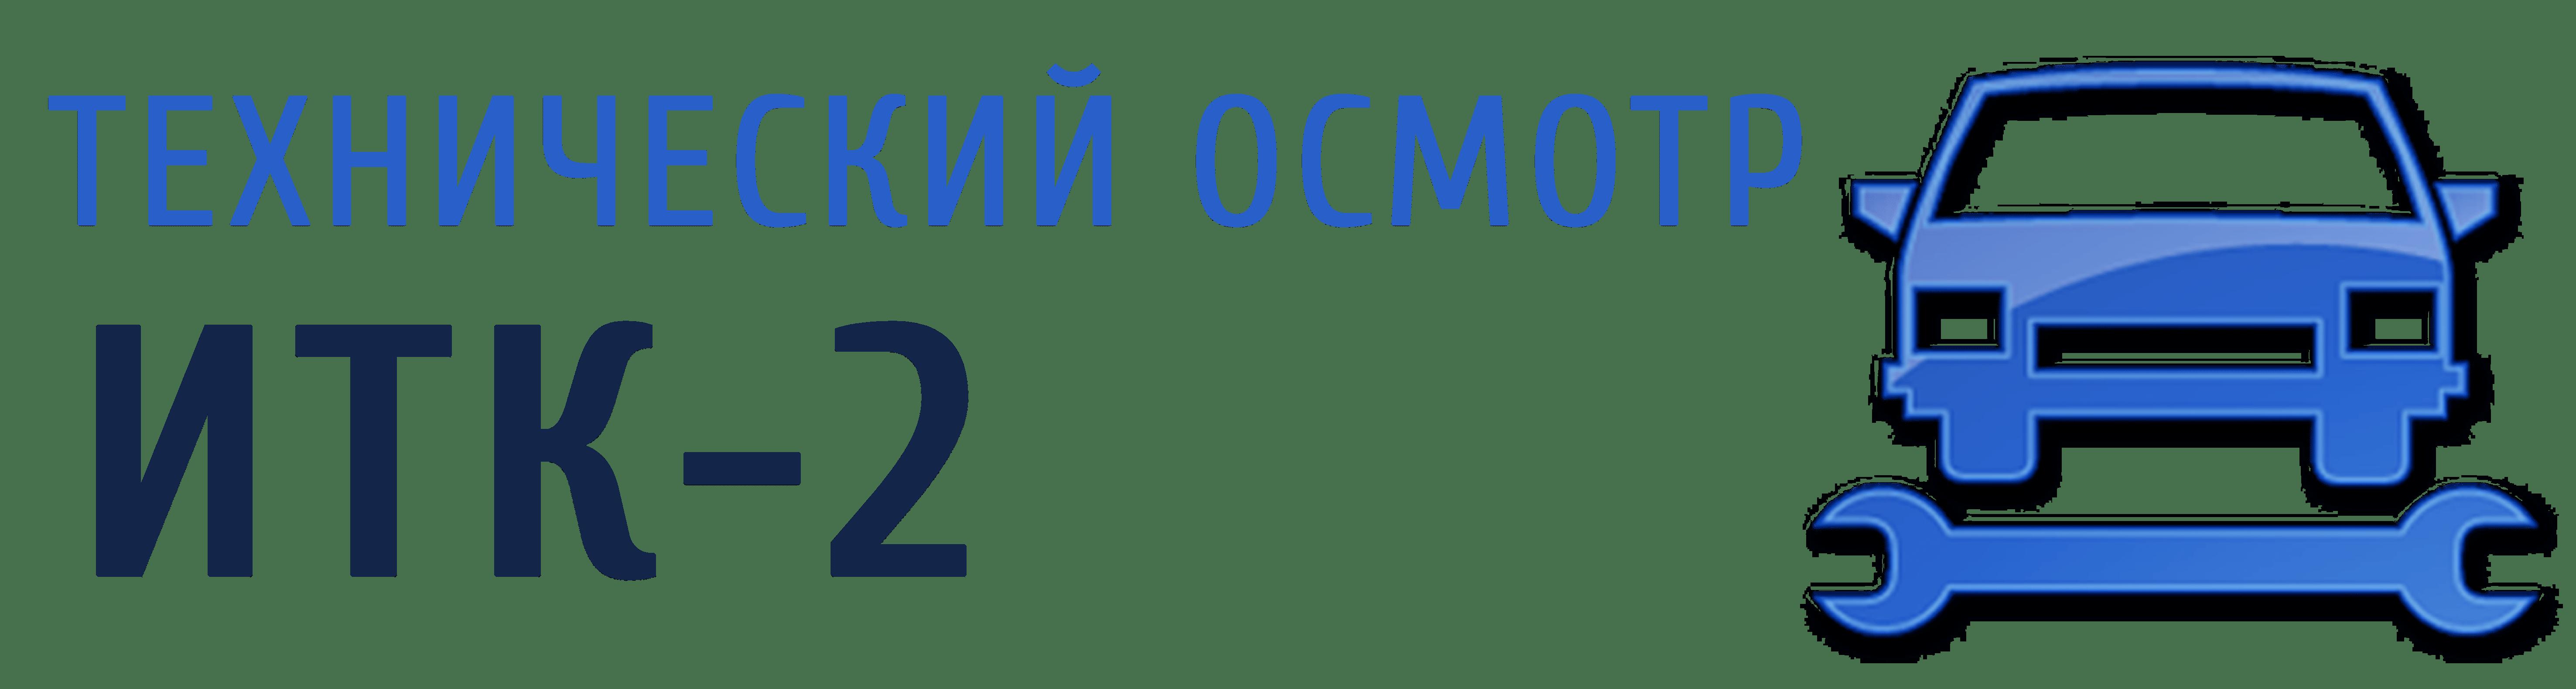 ИТК2 – Технический осмотр в городе Иваново